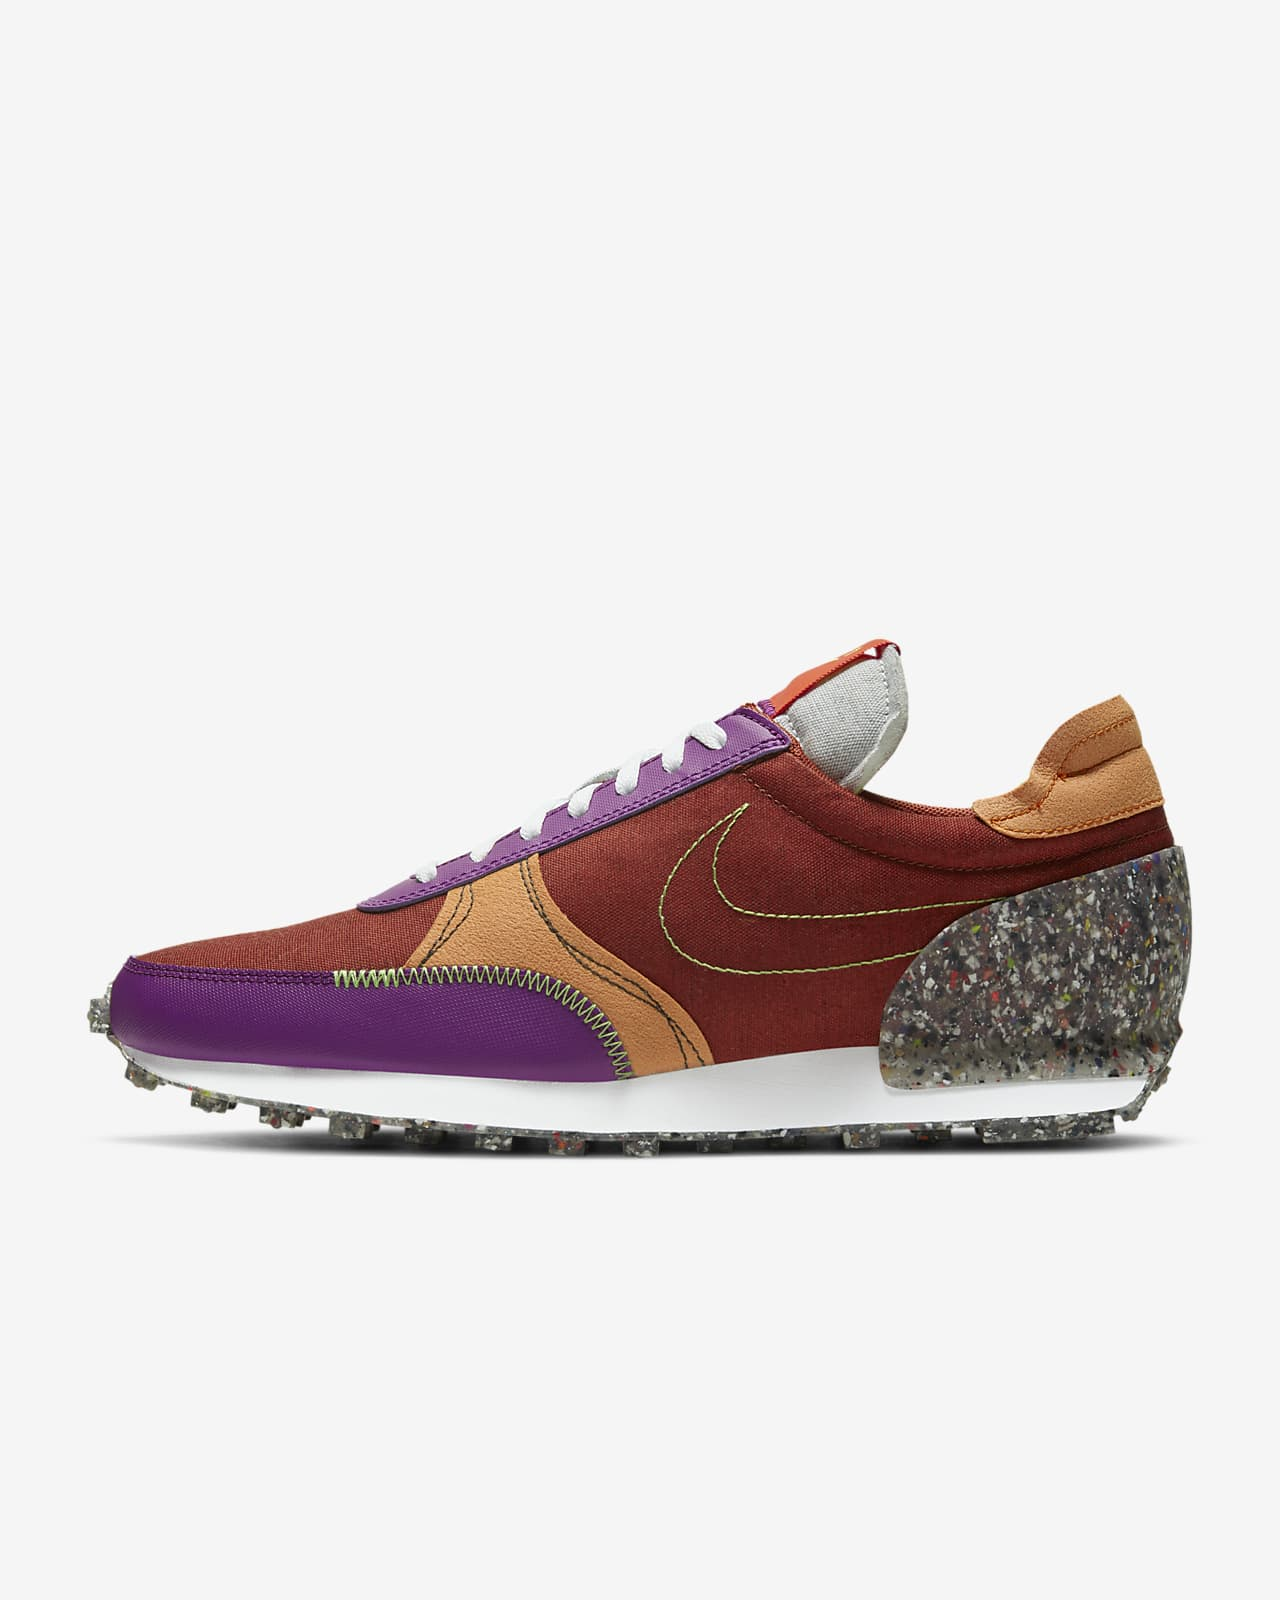 รองเท้าผู้ชาย Nike DBreak-Type